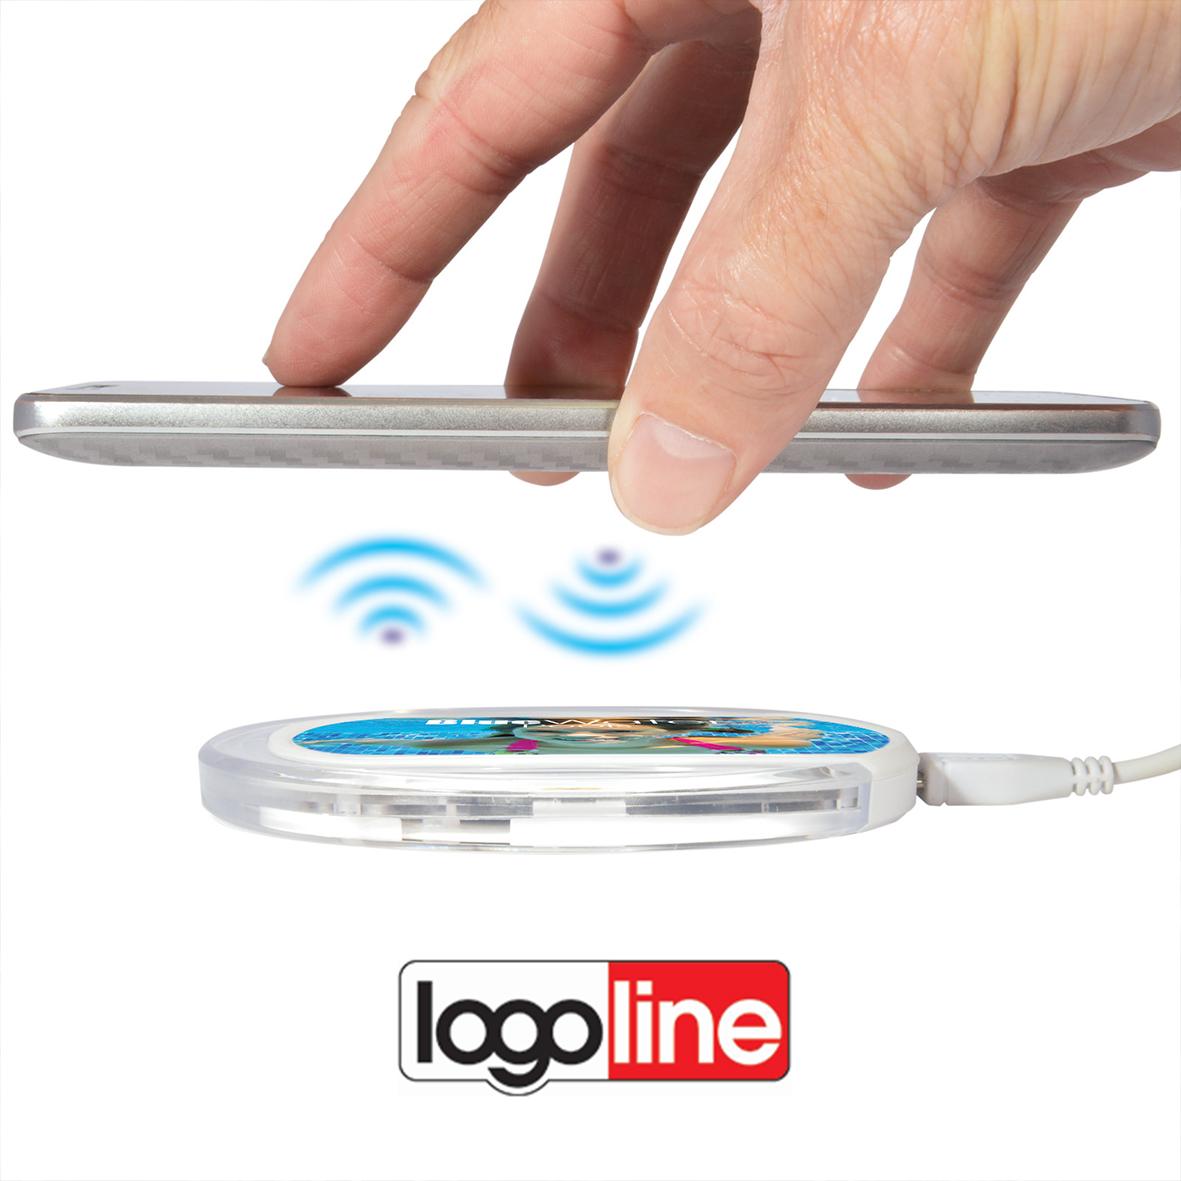 logoline.png